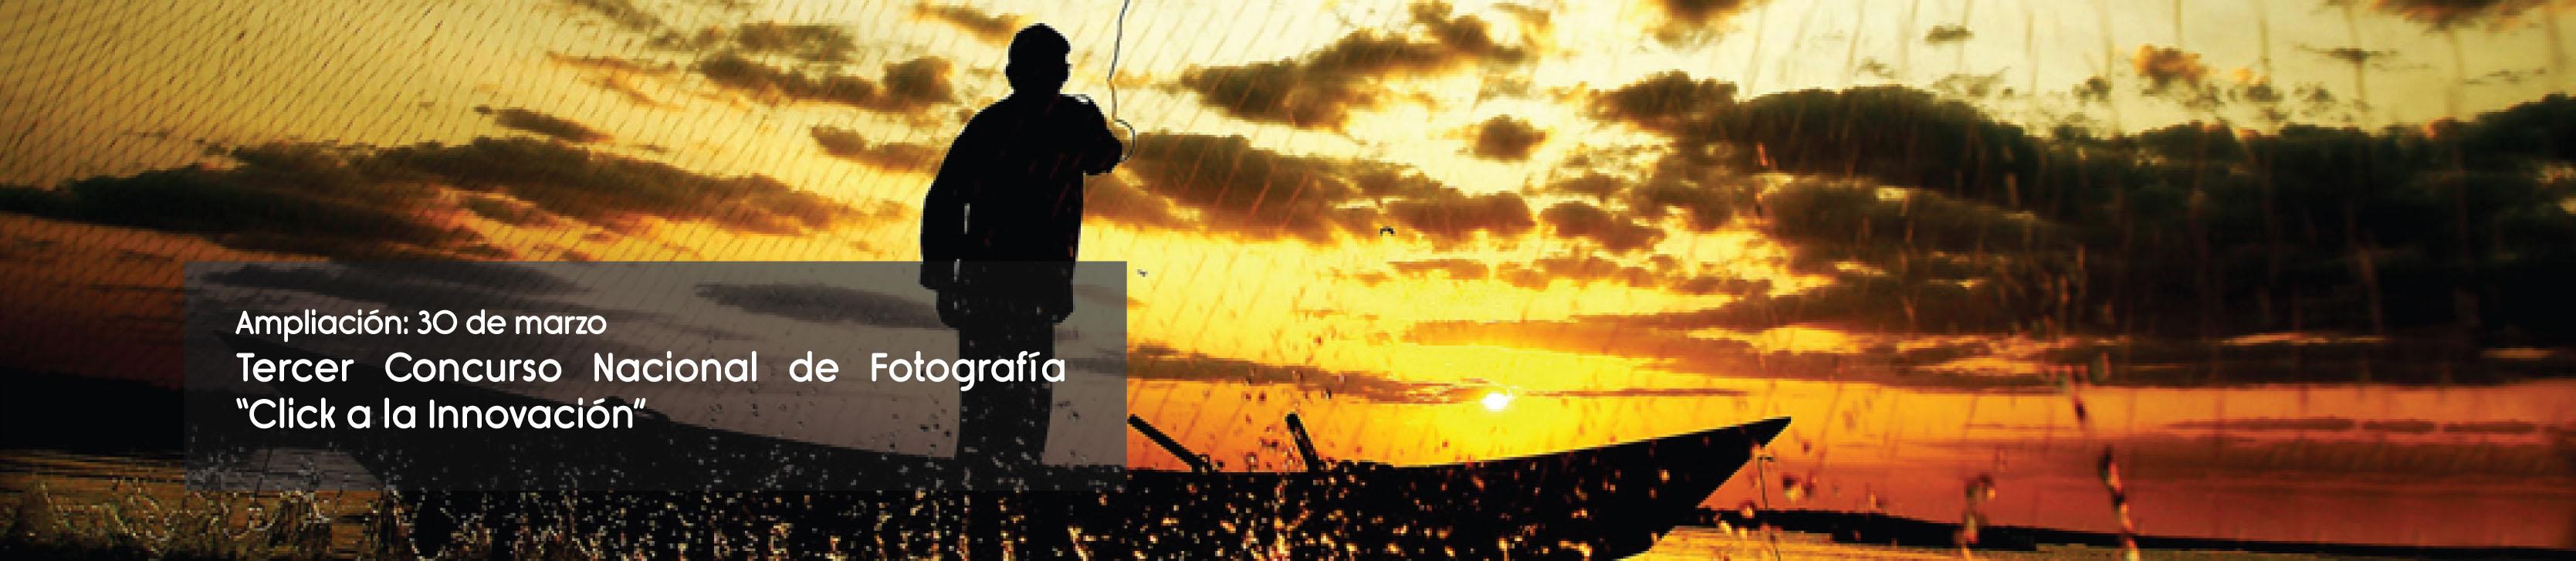 Concurso Nacional de Fotografía - Click a la Innovación